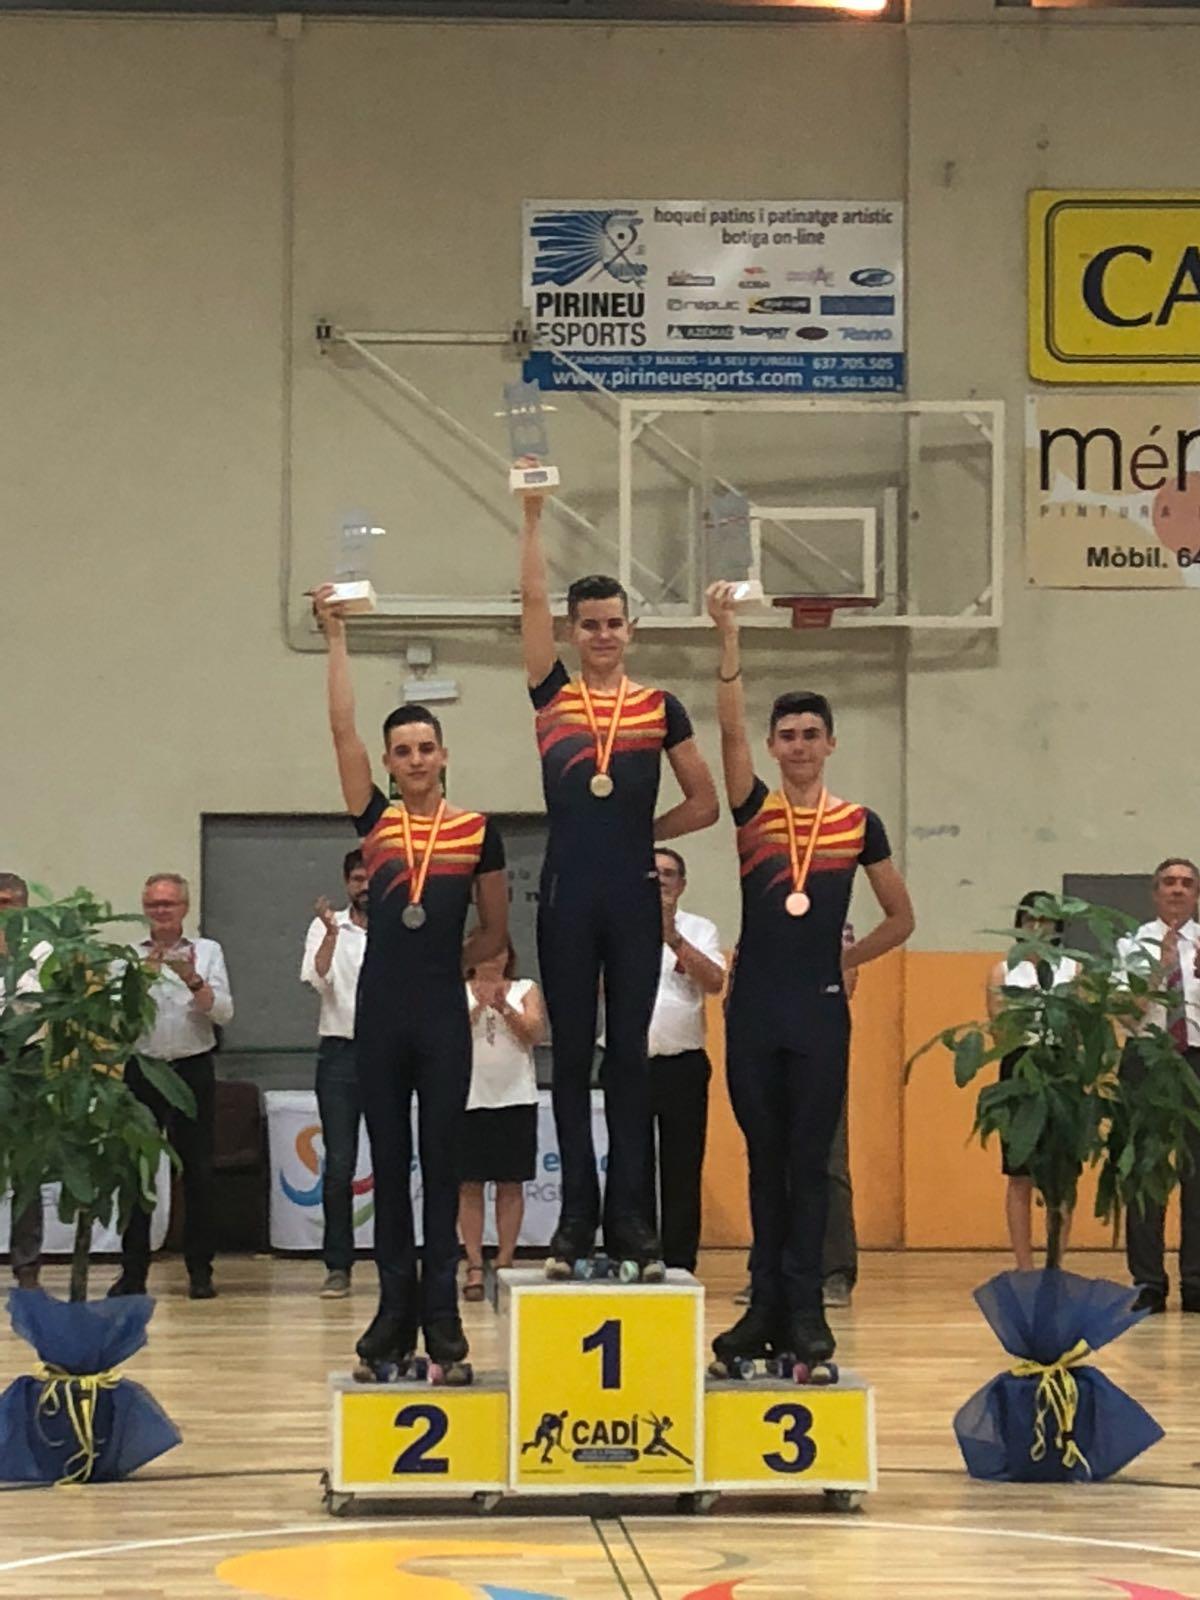 Clasificaciones en el Campeonato de España Cadete/Juvenil